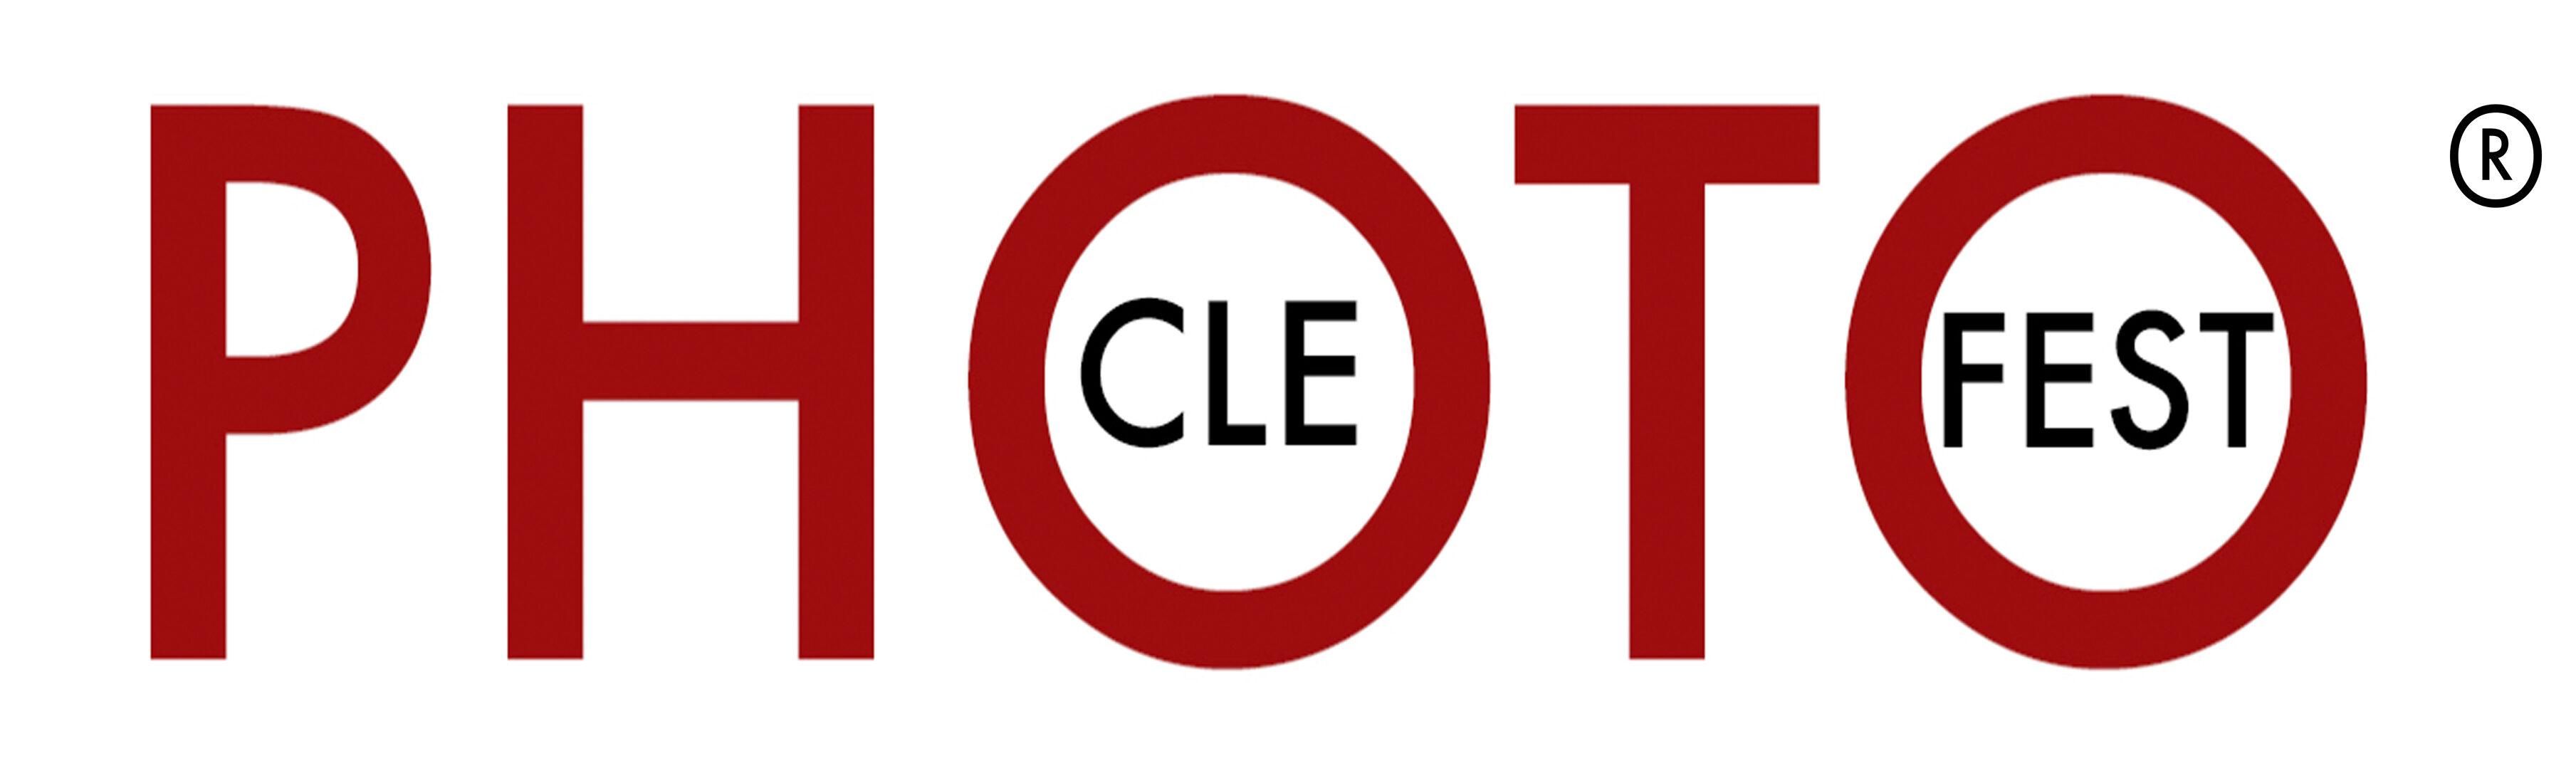 Cleveland Photo Fest